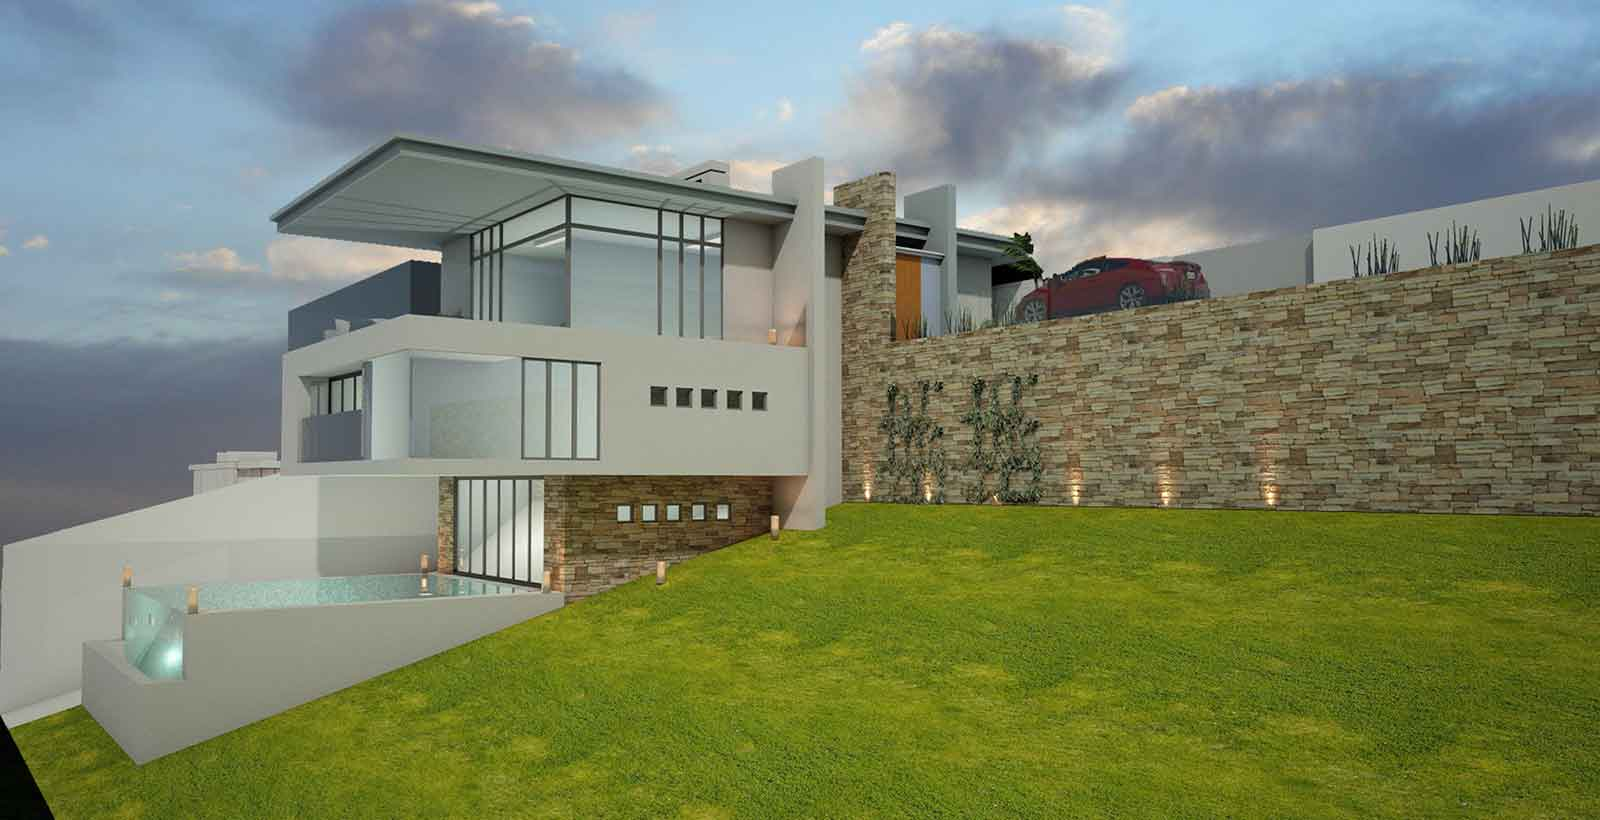 Proposed new dwelling in Dawlish